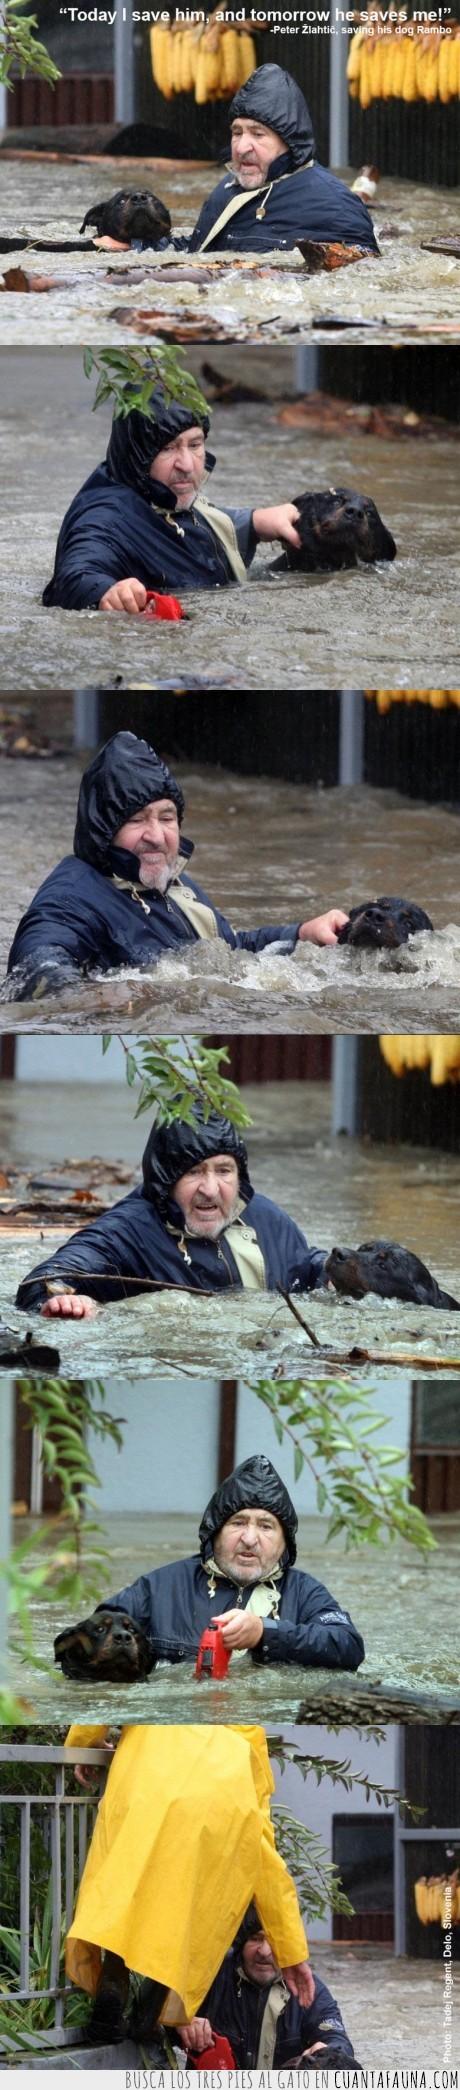 inundación,perro,salvar,Slovenia,vida